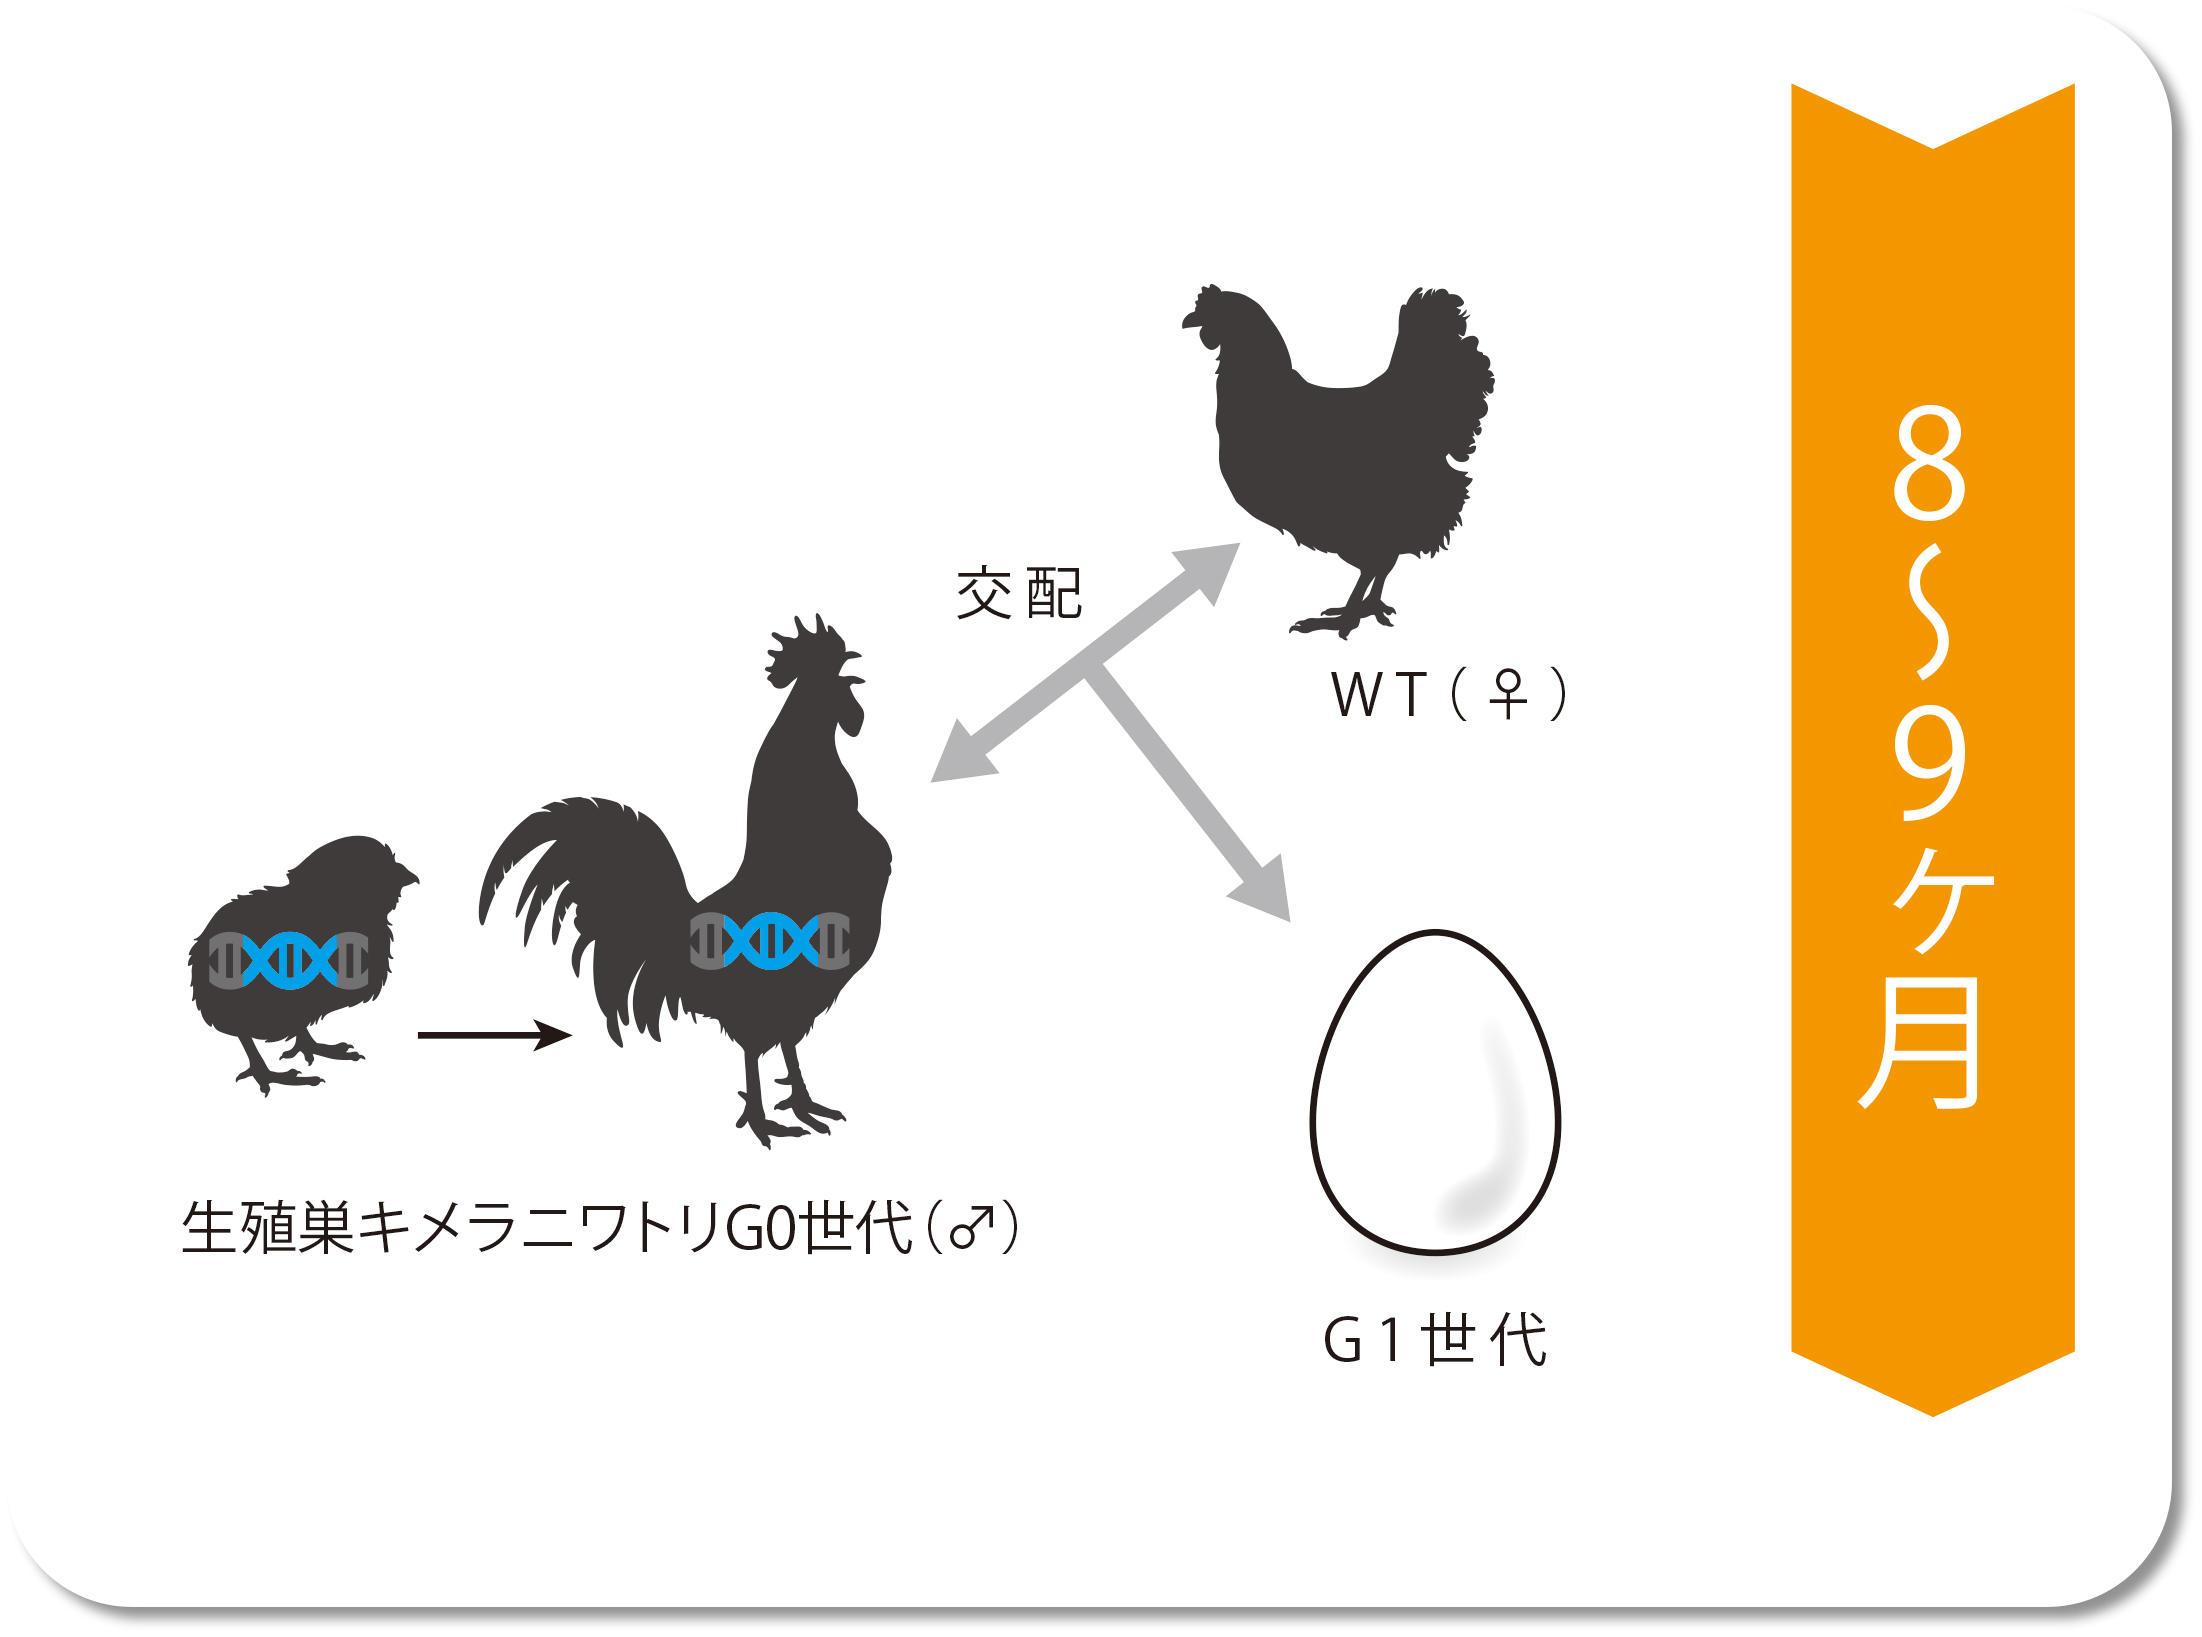 生殖巣キメラニワトリG0世代(♂)とWT(♀)を交配 → G1世代